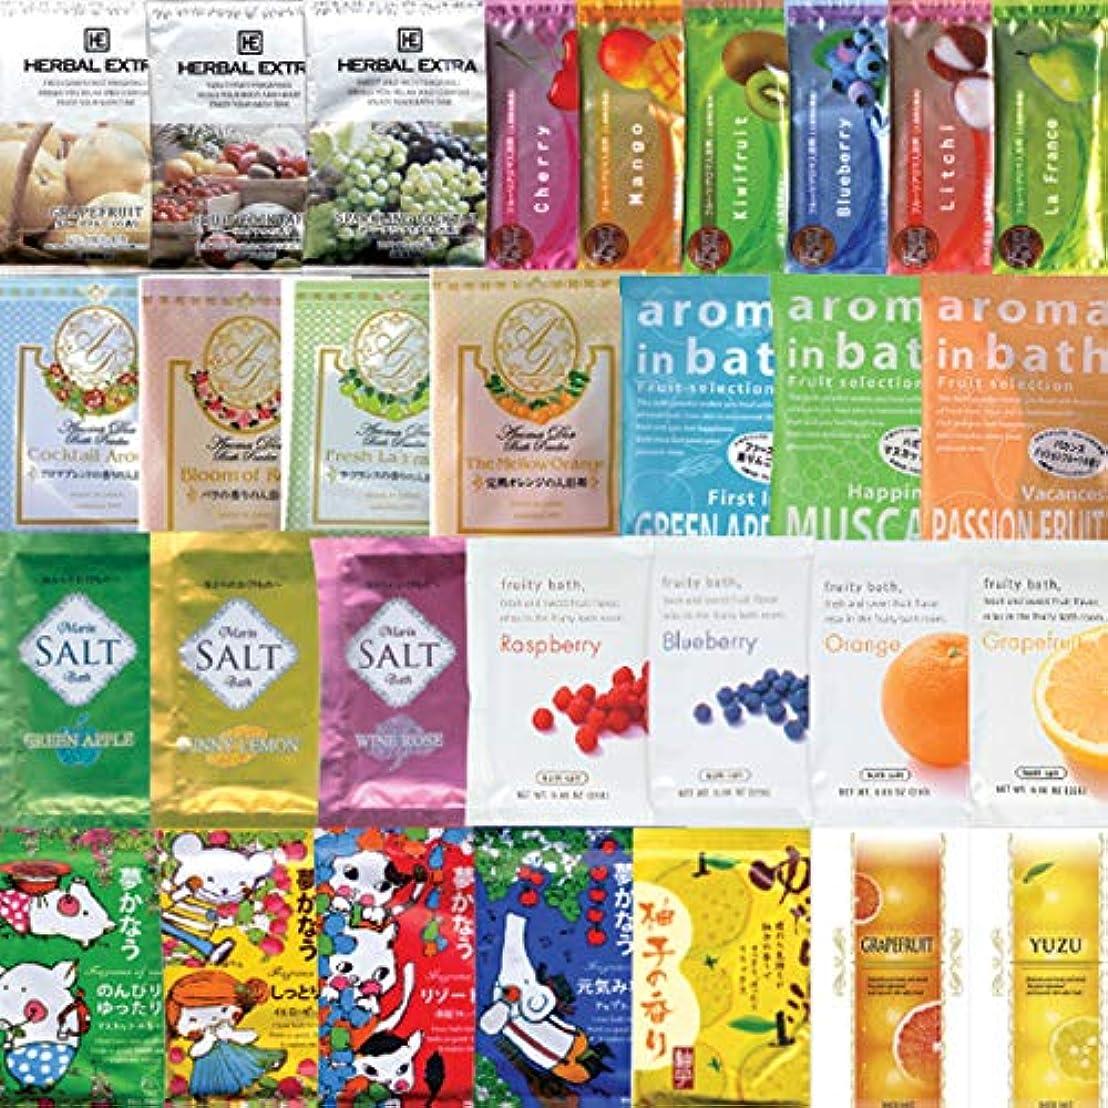 王子夜リビングルームフルーツいっぱい入浴剤 30包